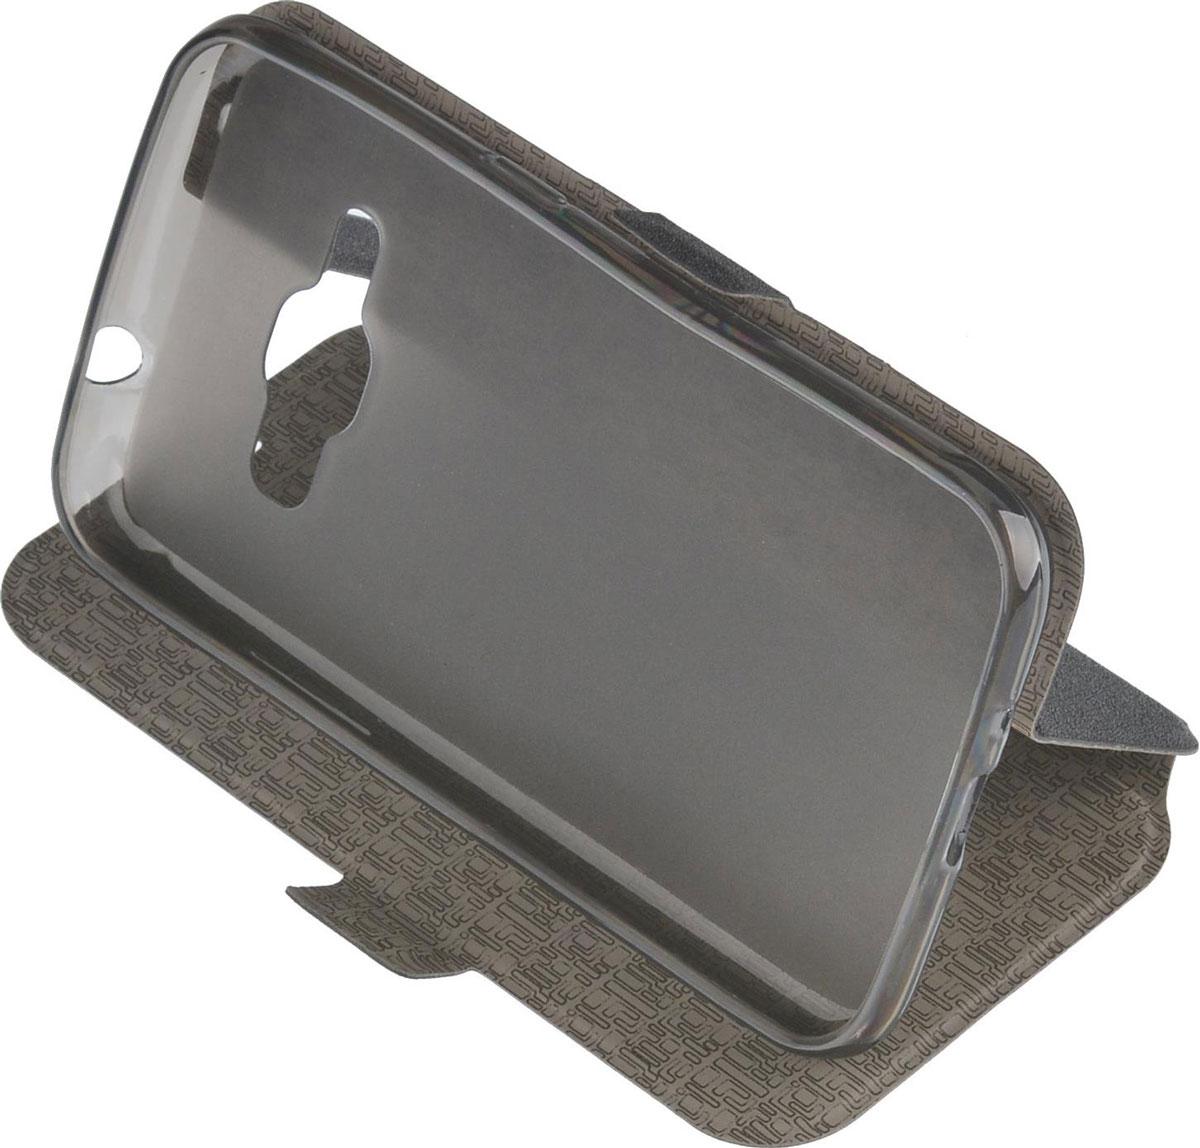 Prime Book чехол для Samsung Galaxy J1 (2016), Black2000000090917Чехол Prime Book для Samsung Galaxy J1 (2016) выполнен из высококачественного поликарбоната и экокожи. Он обеспечивает надежную защиту корпуса и экрана смартфона и надолго сохраняет его привлекательный внешний вид. Чехол также обеспечивает свободный доступ ко всем разъемам и клавишам устройства.